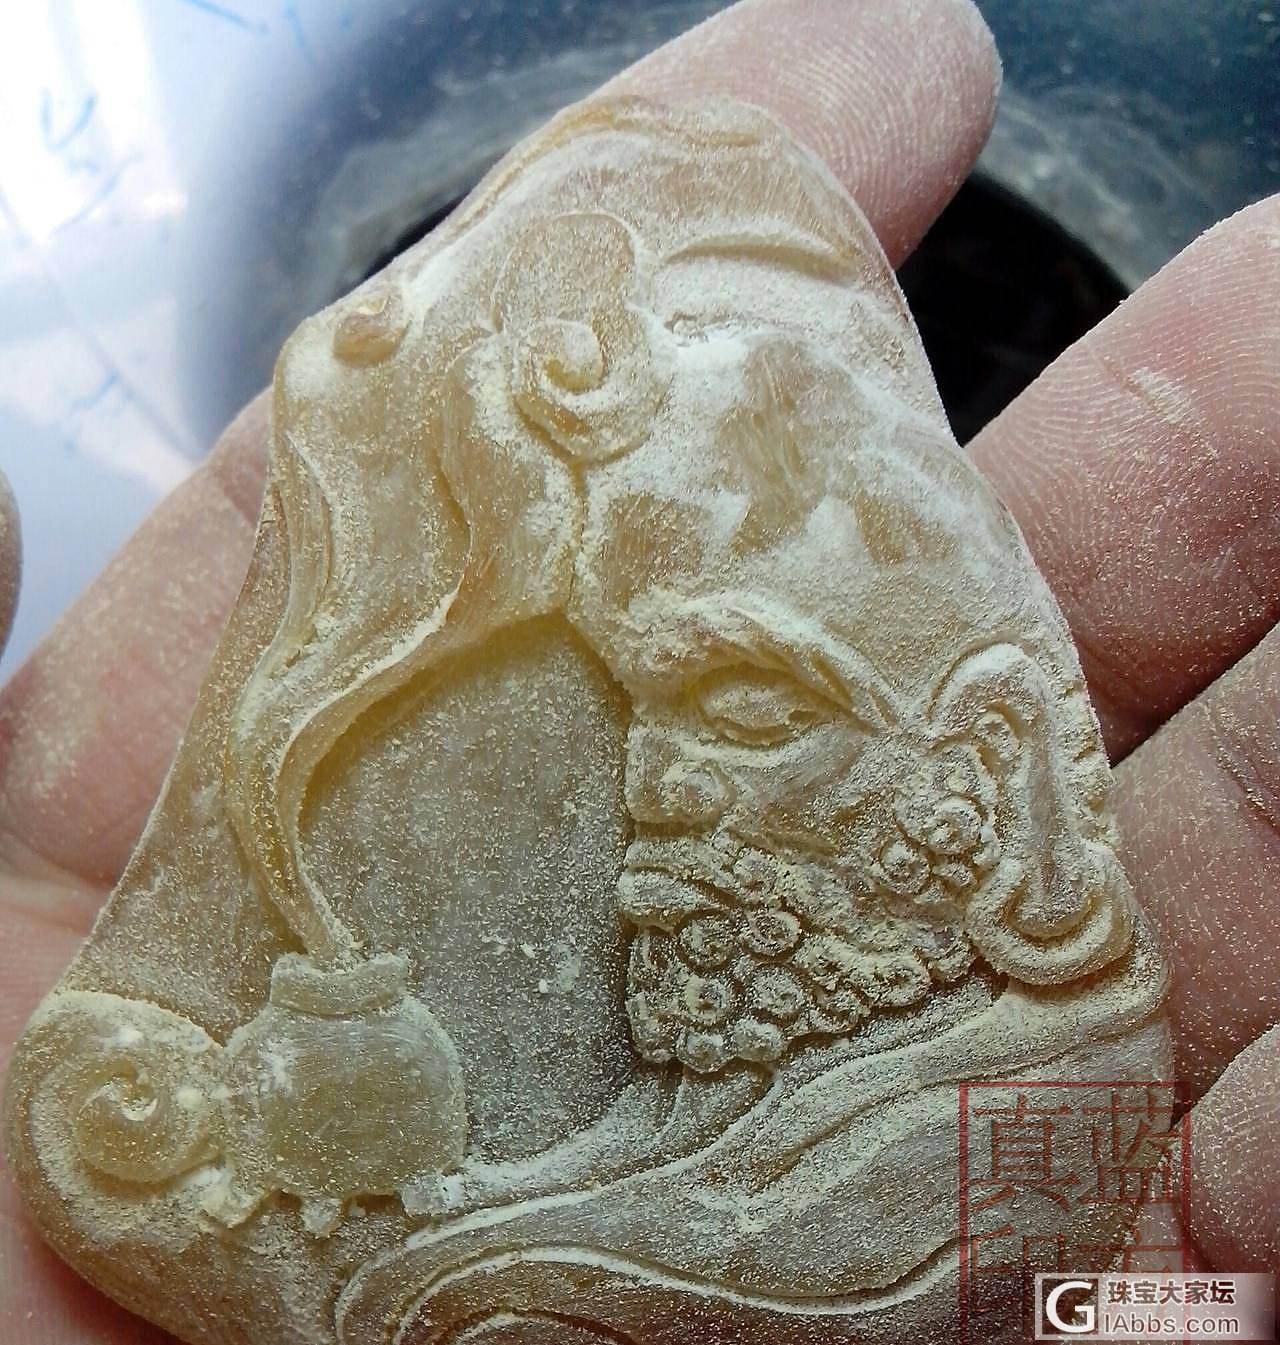 求推荐雕刻琥珀蜜蜡的师傅_雕刻琥珀蜜蜡